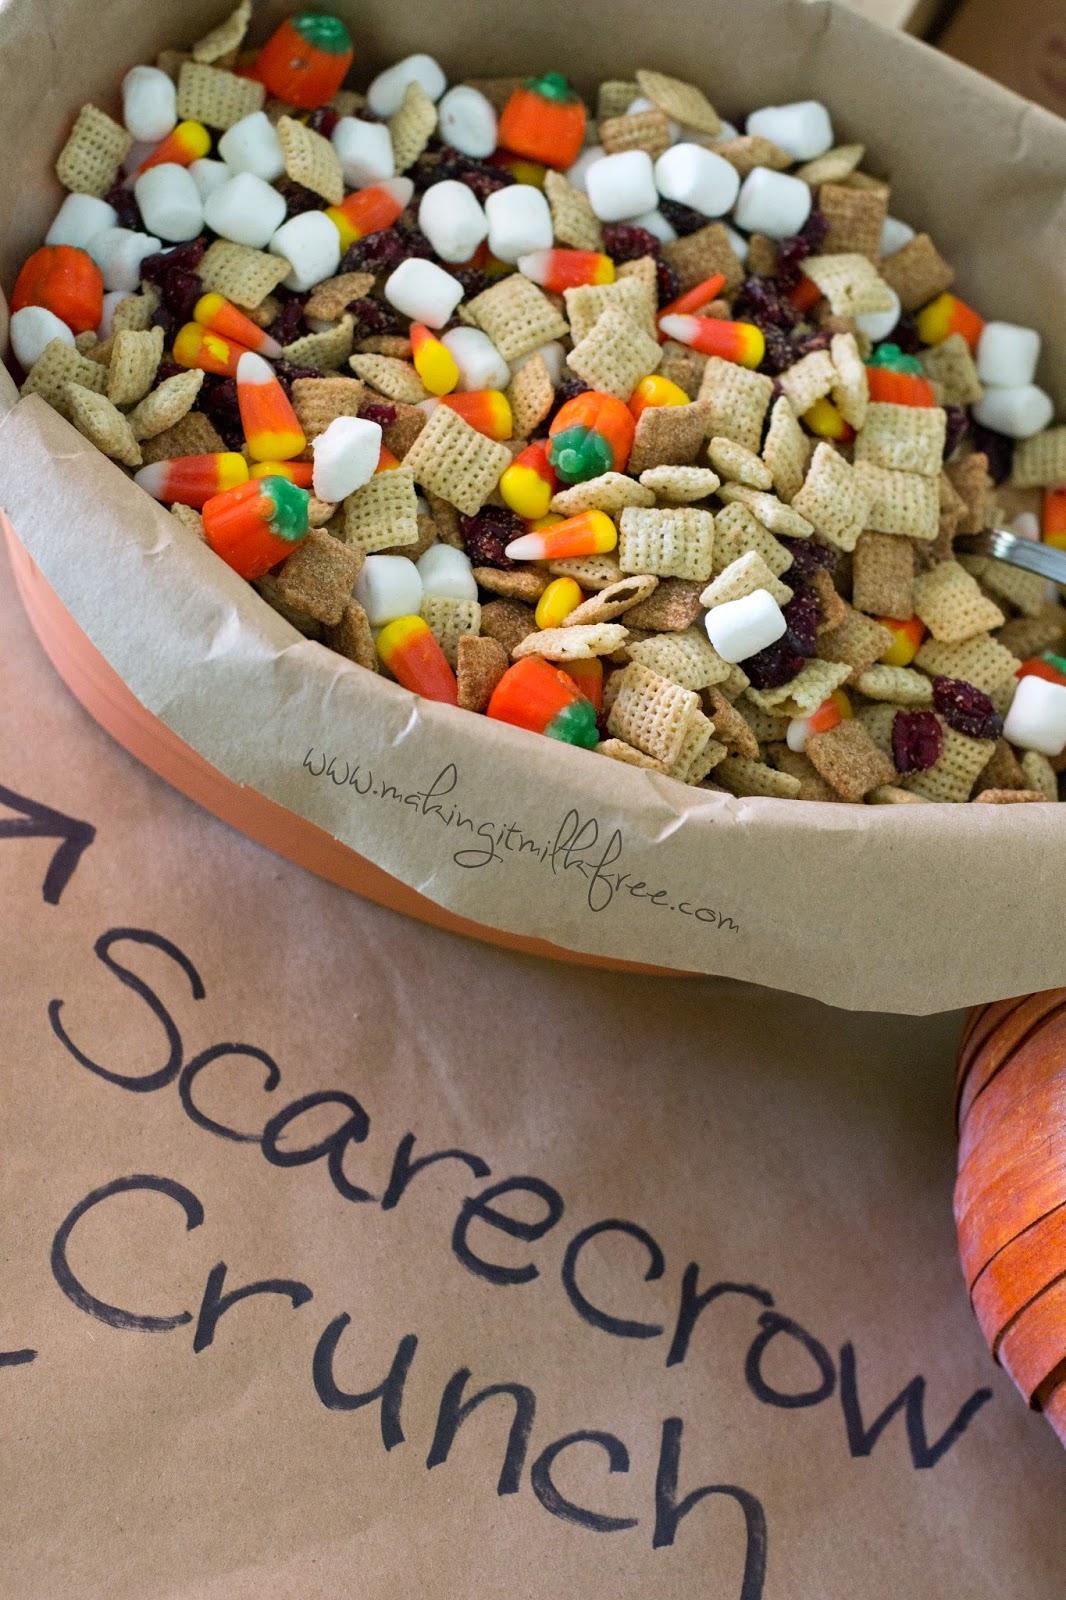 #dairyfree #glutenfree #nutfree #allergyfriendly #trailmix #fall #halloween